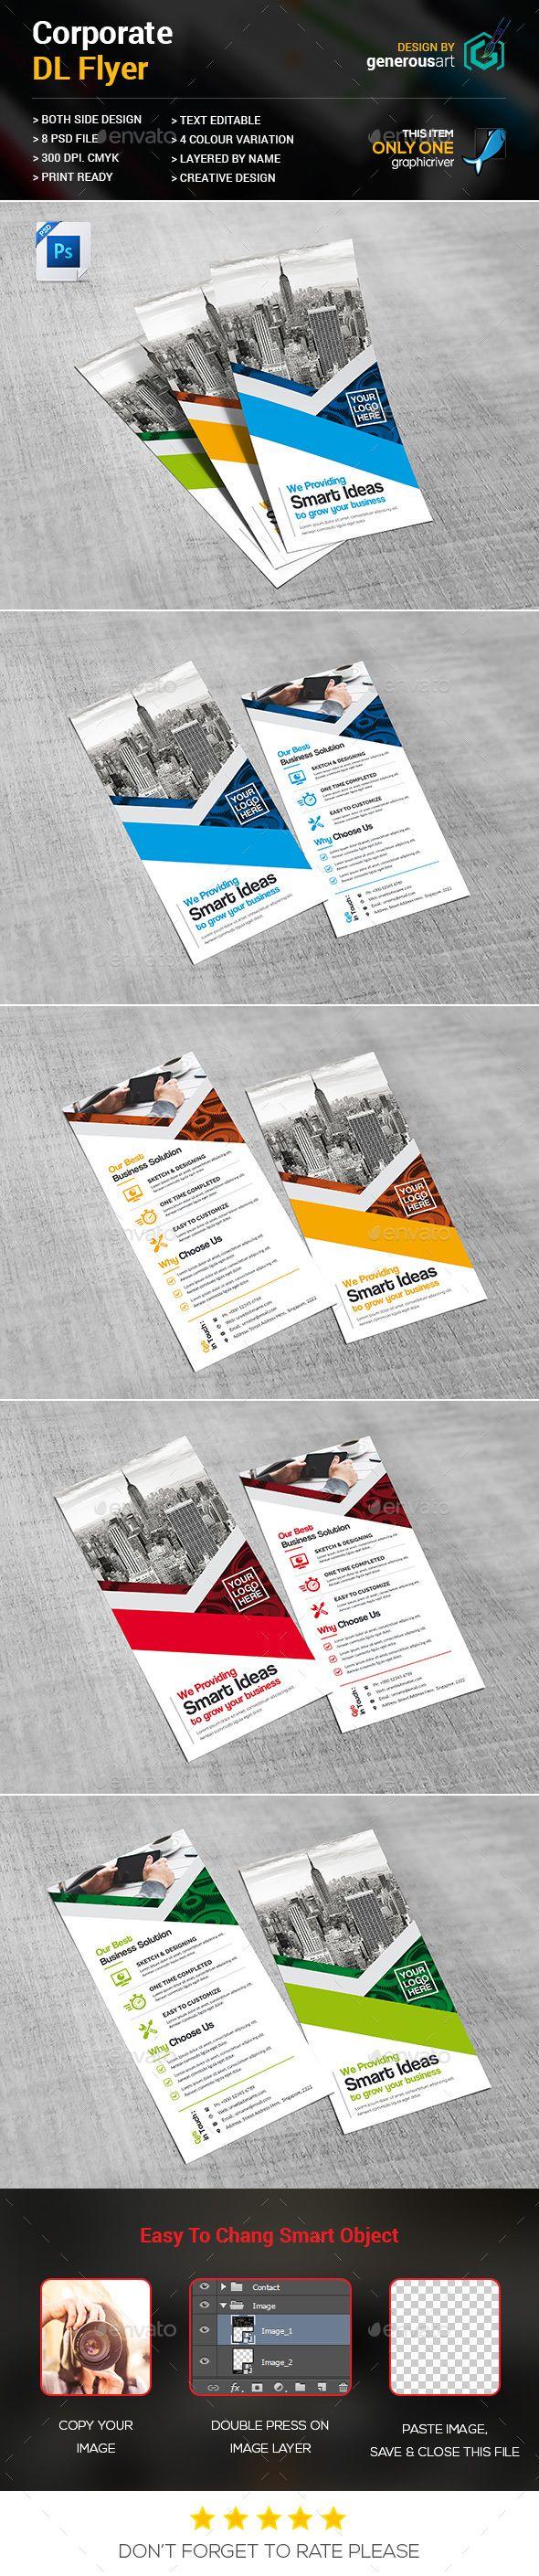 DL Flyer Template PSD